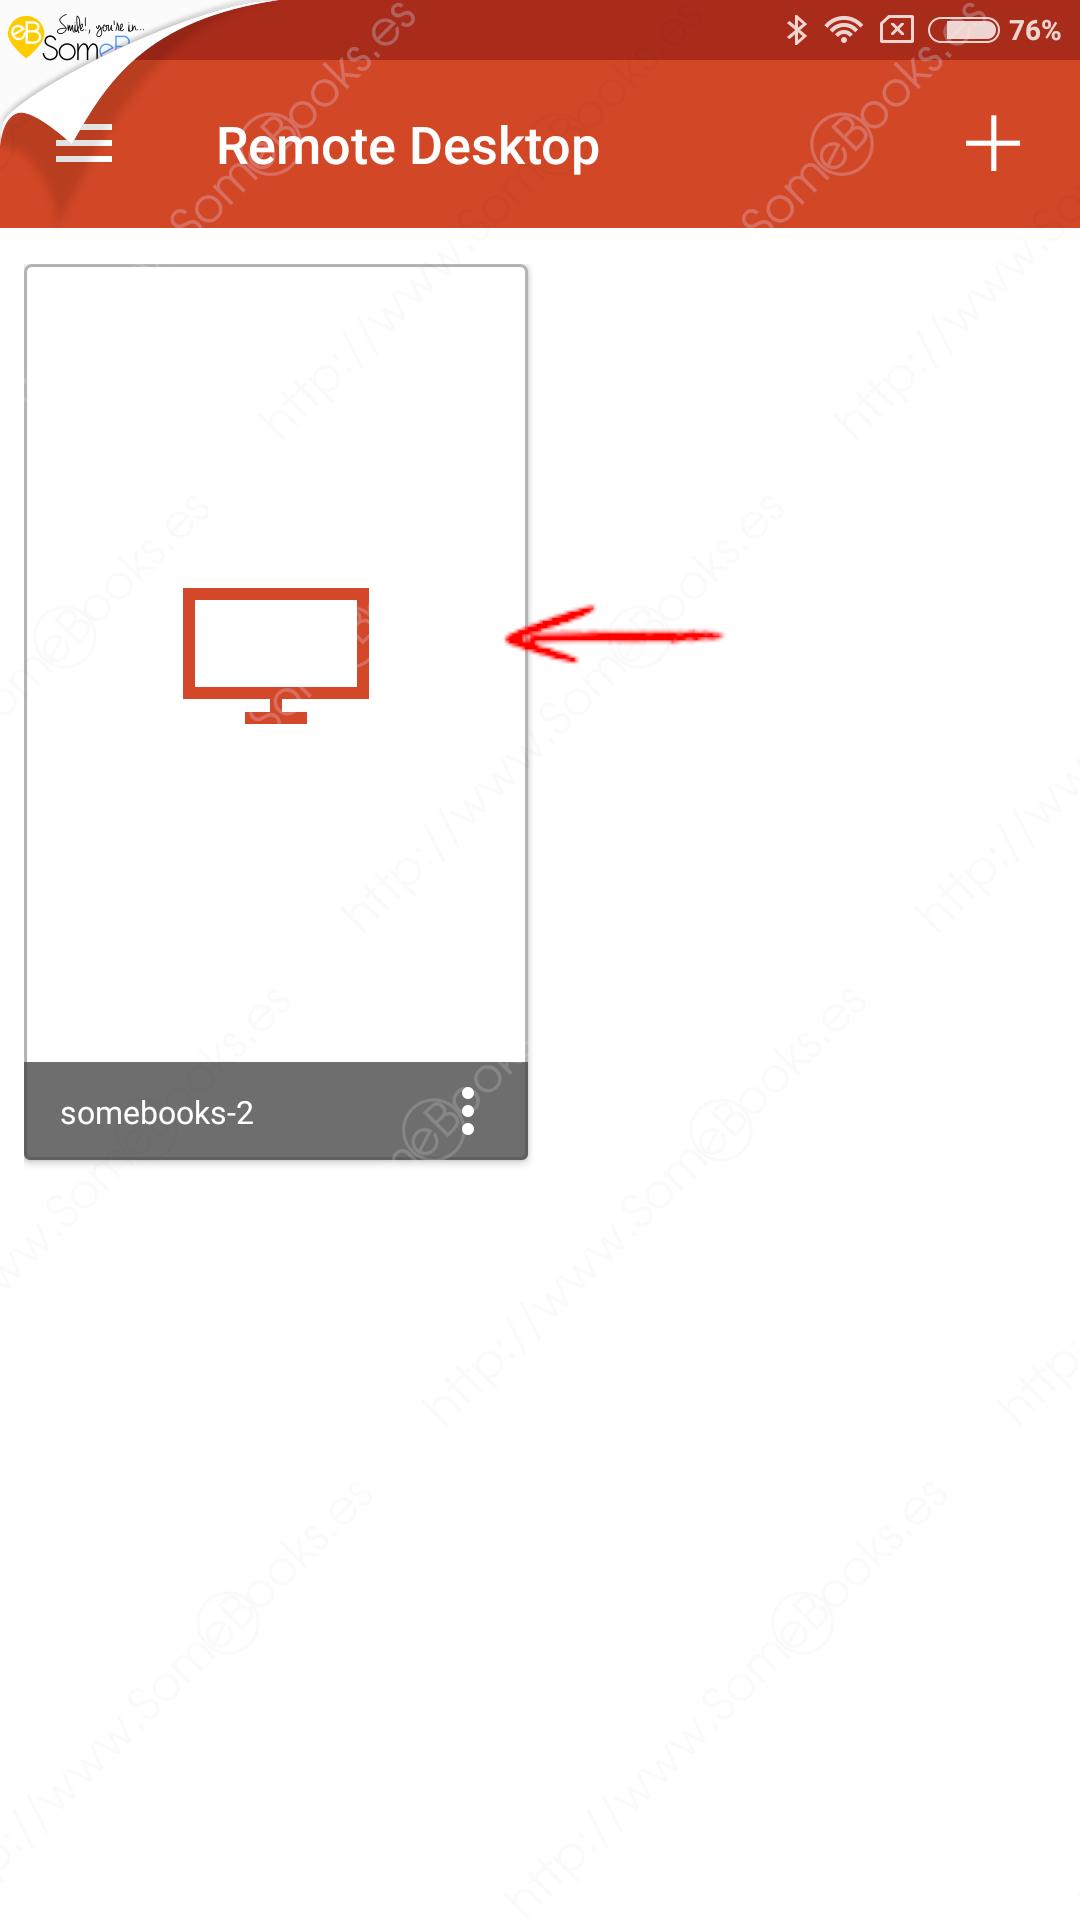 Escritorio-remoto-en-Windows-10-Acceder-desde-Android-007